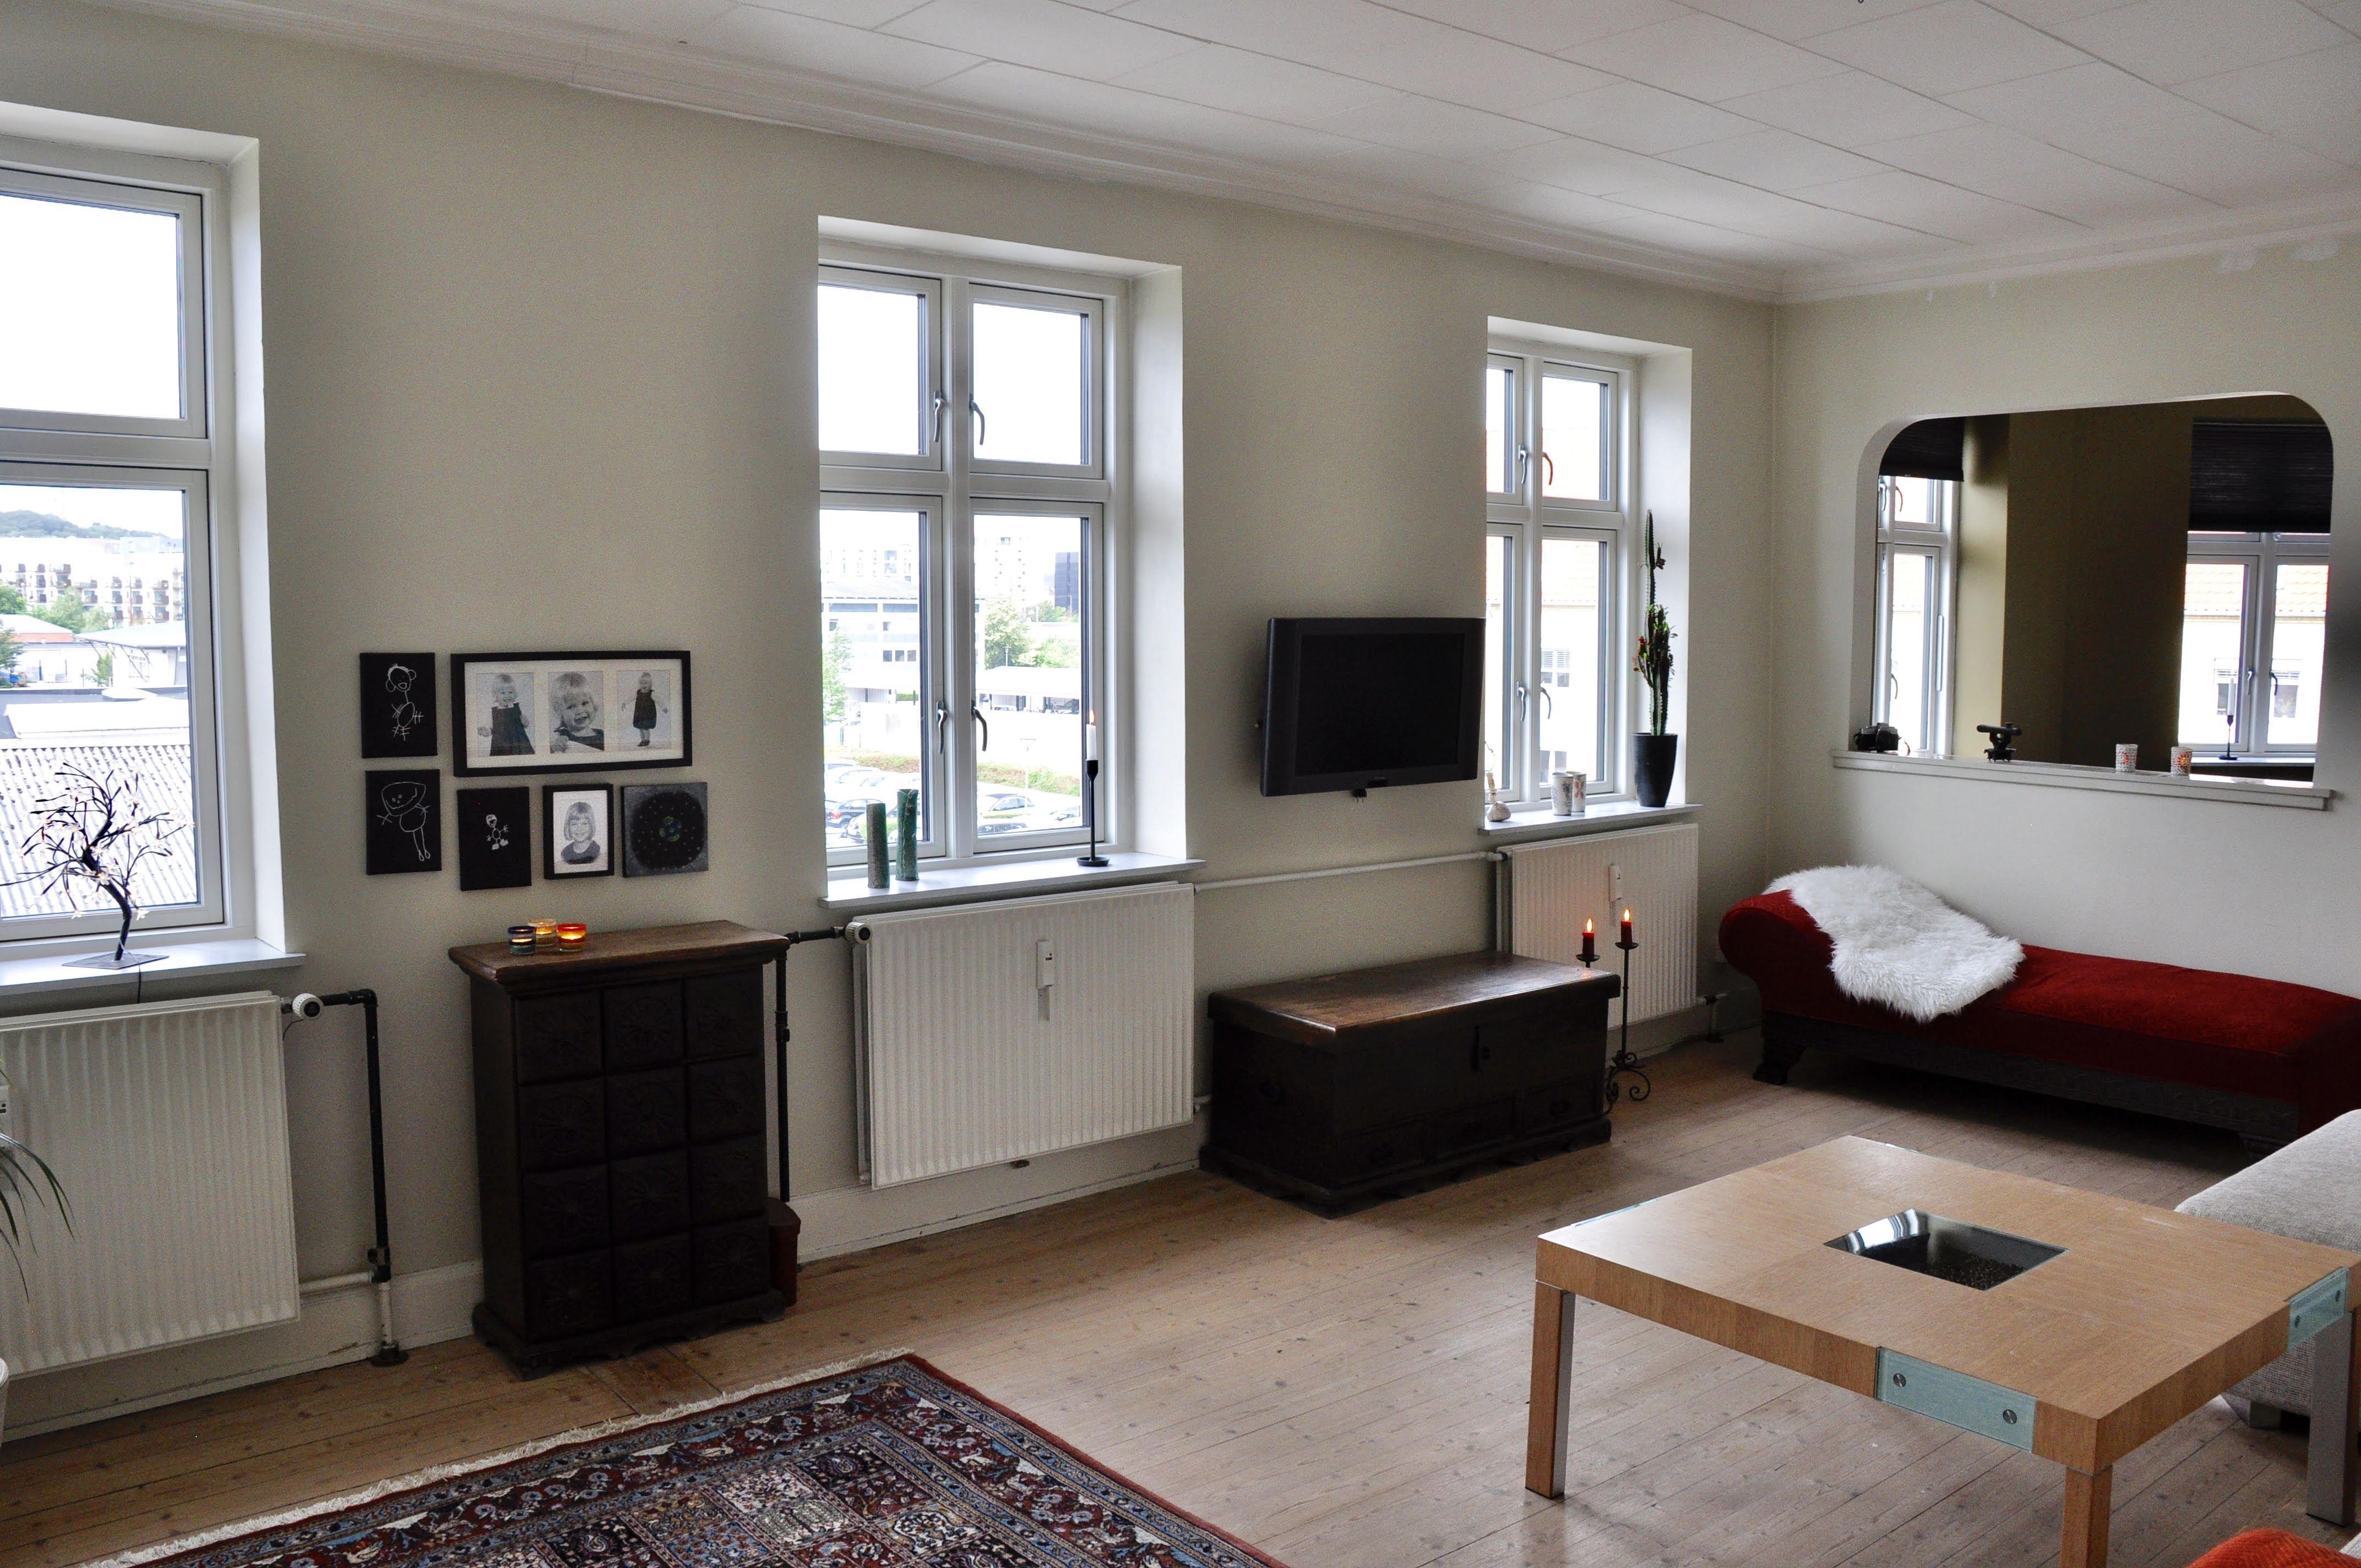 Kærvang 7, 2. tv., 9000 Aalborg